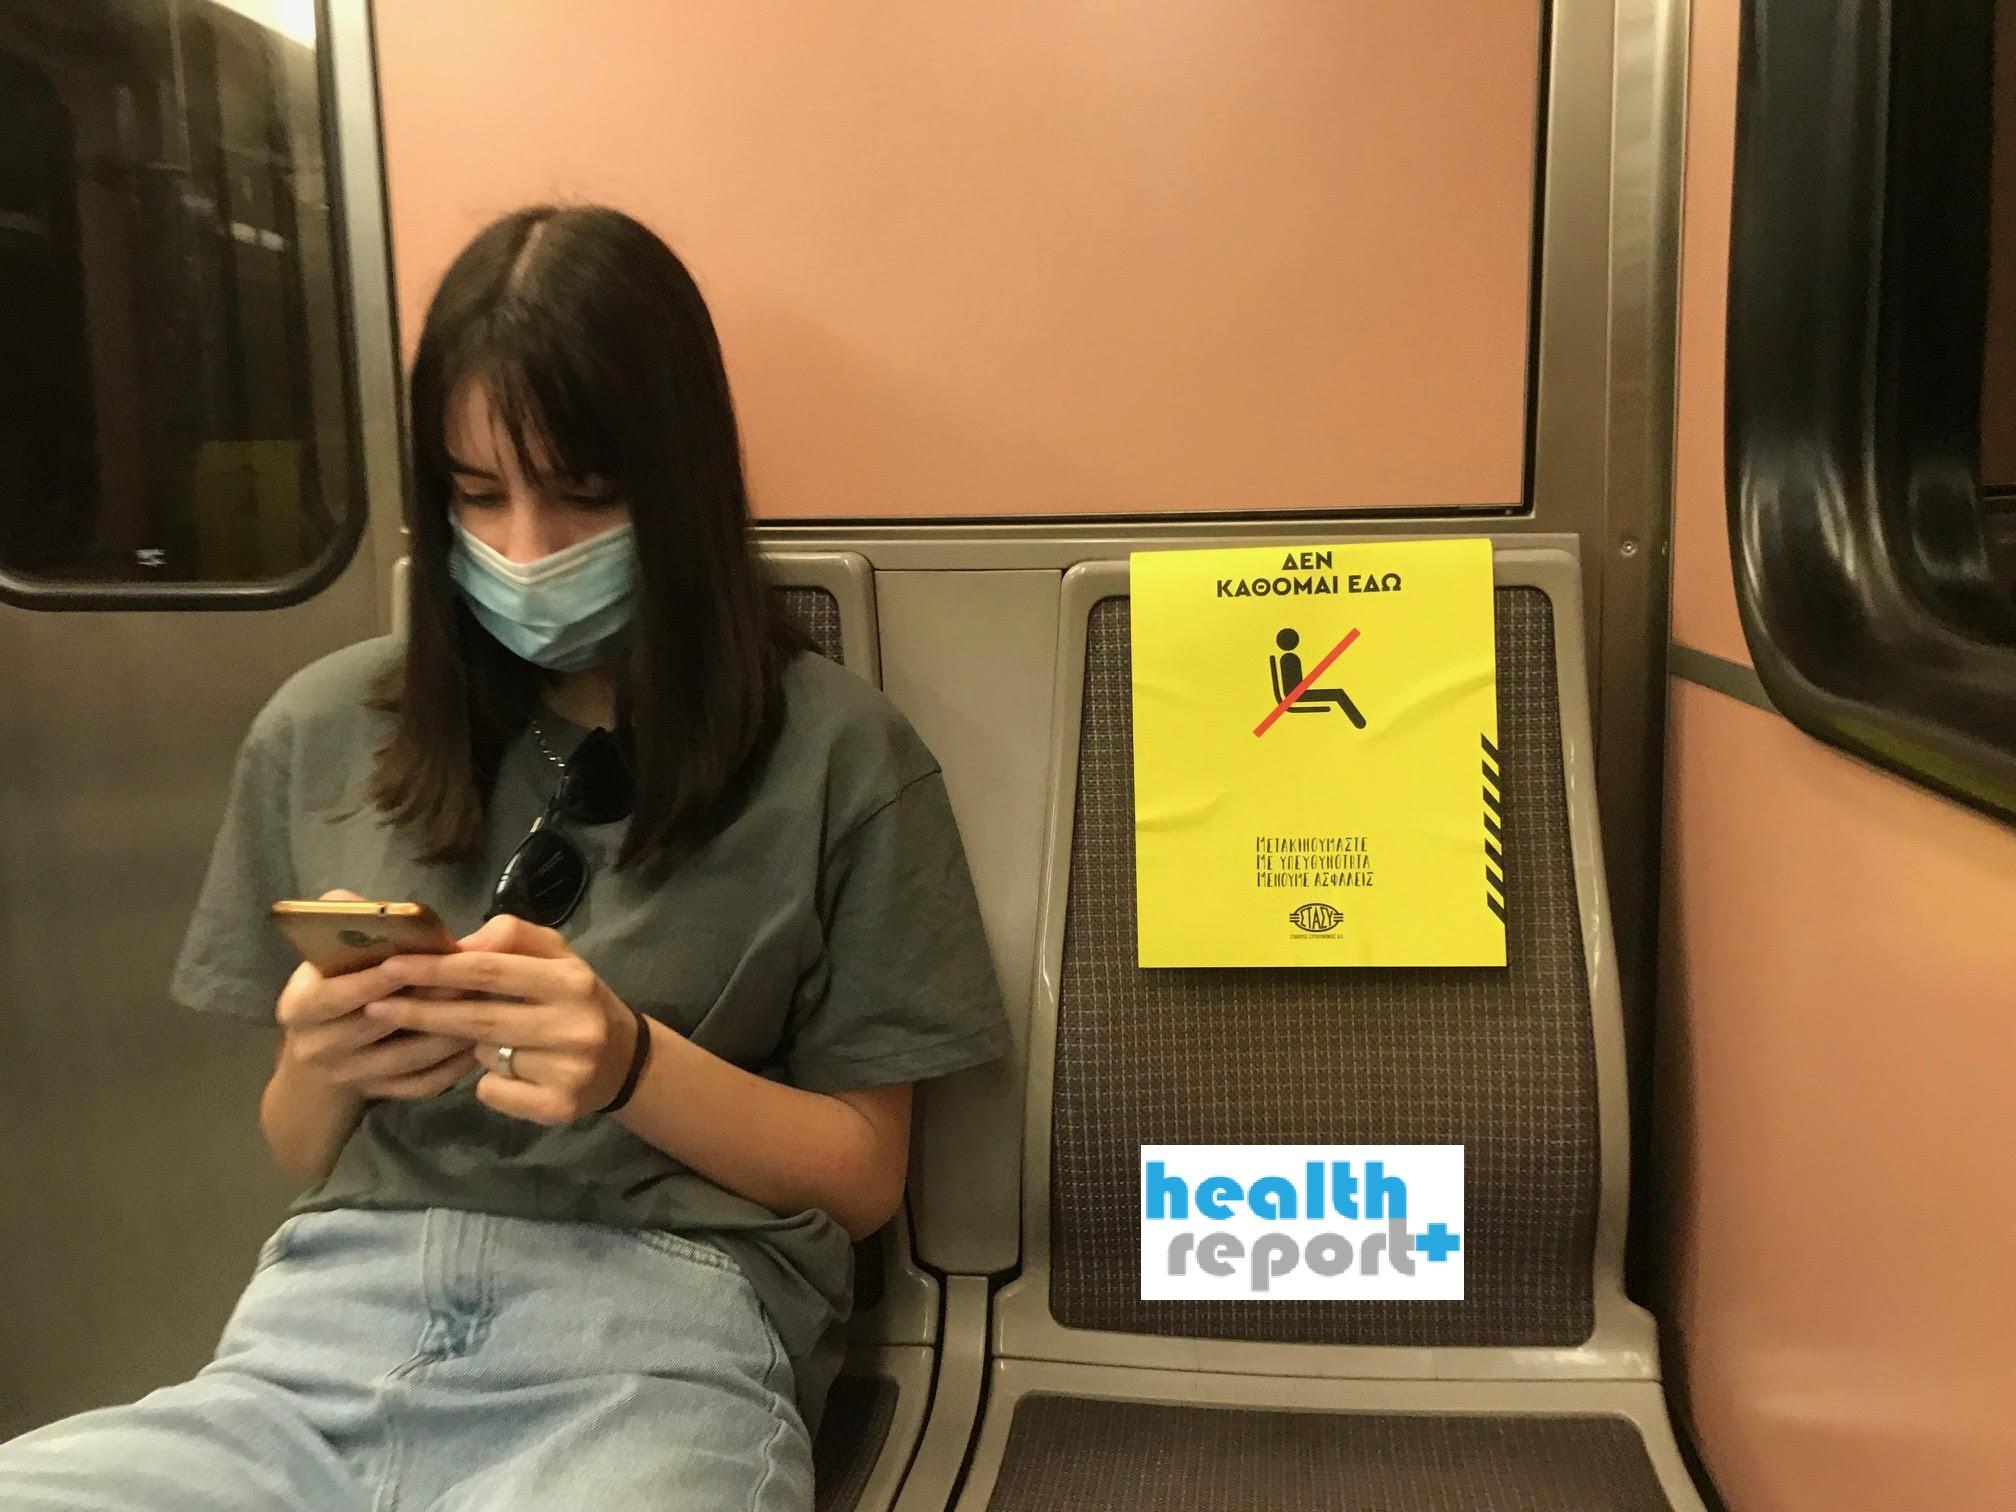 Κορονοϊός: Γιατί οι ειδικοί συστήνουν να μην μιλάμε στο μετρό και στο λεωφορείο